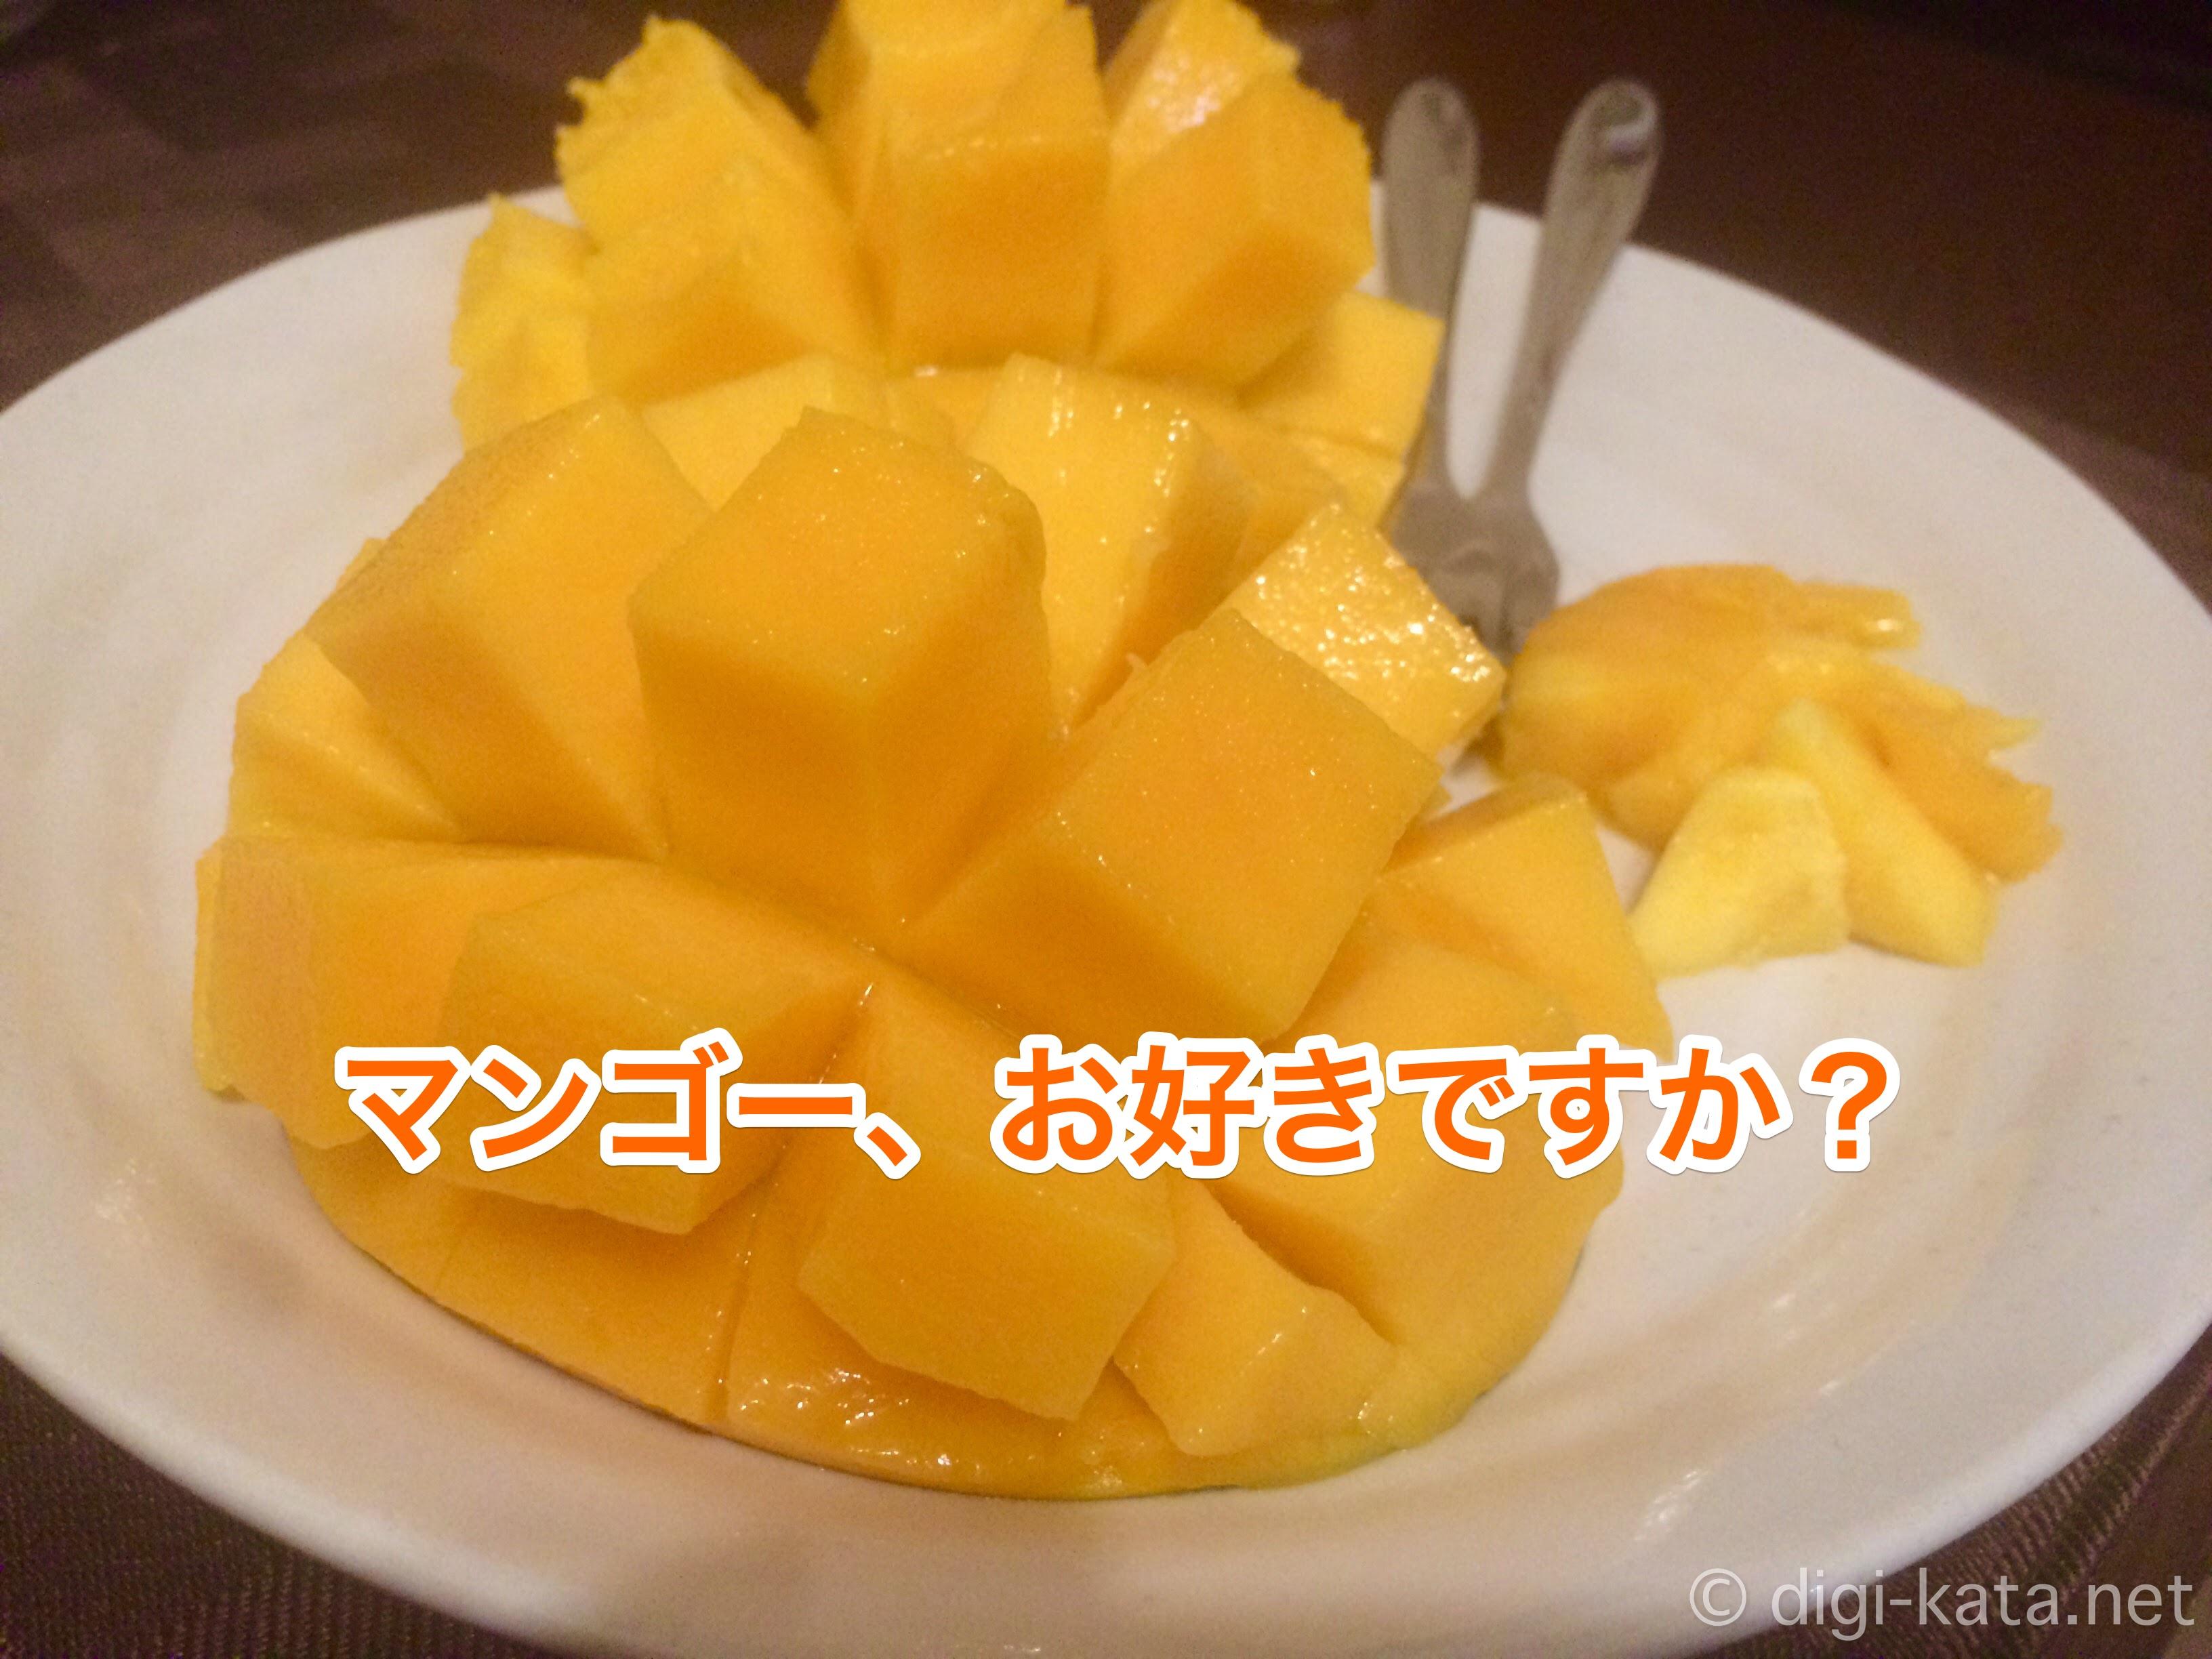 マンゴーお好きですか?